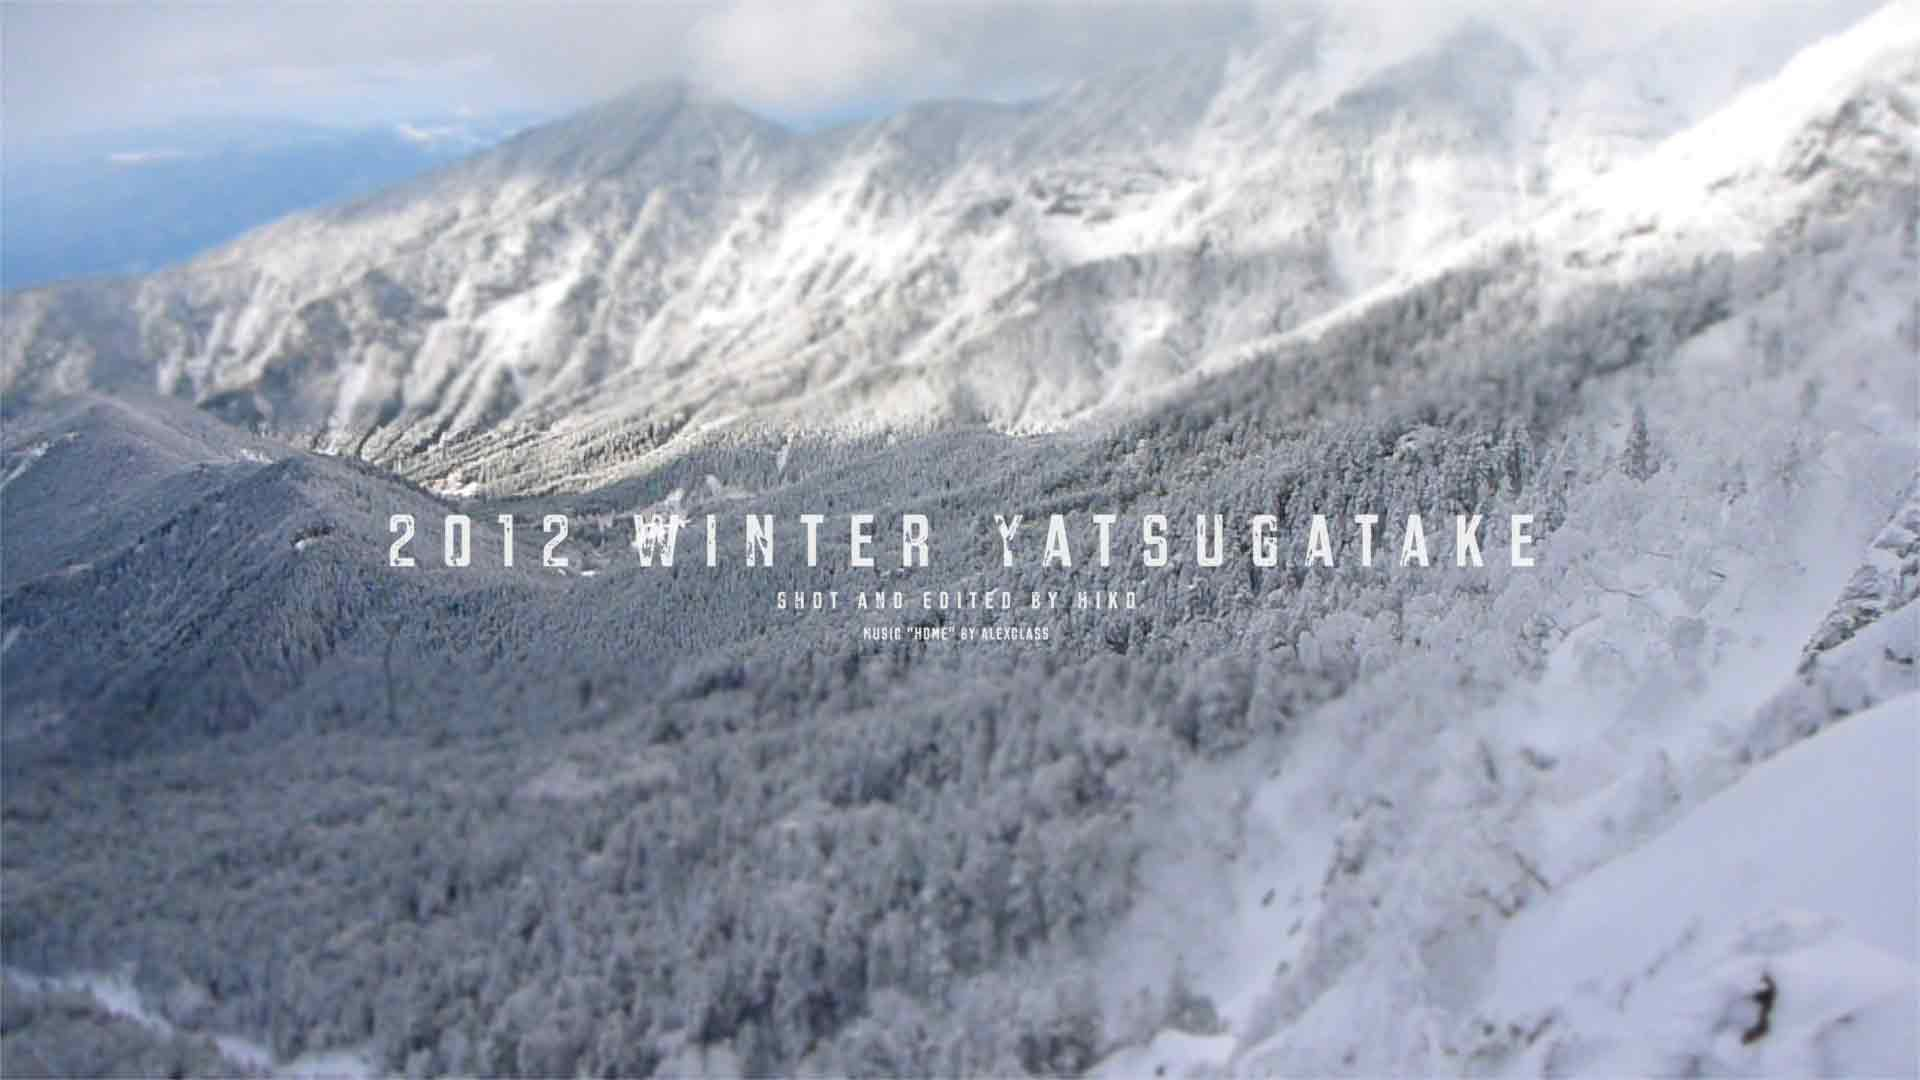 Winter-Yatsugatake-Featured-Image